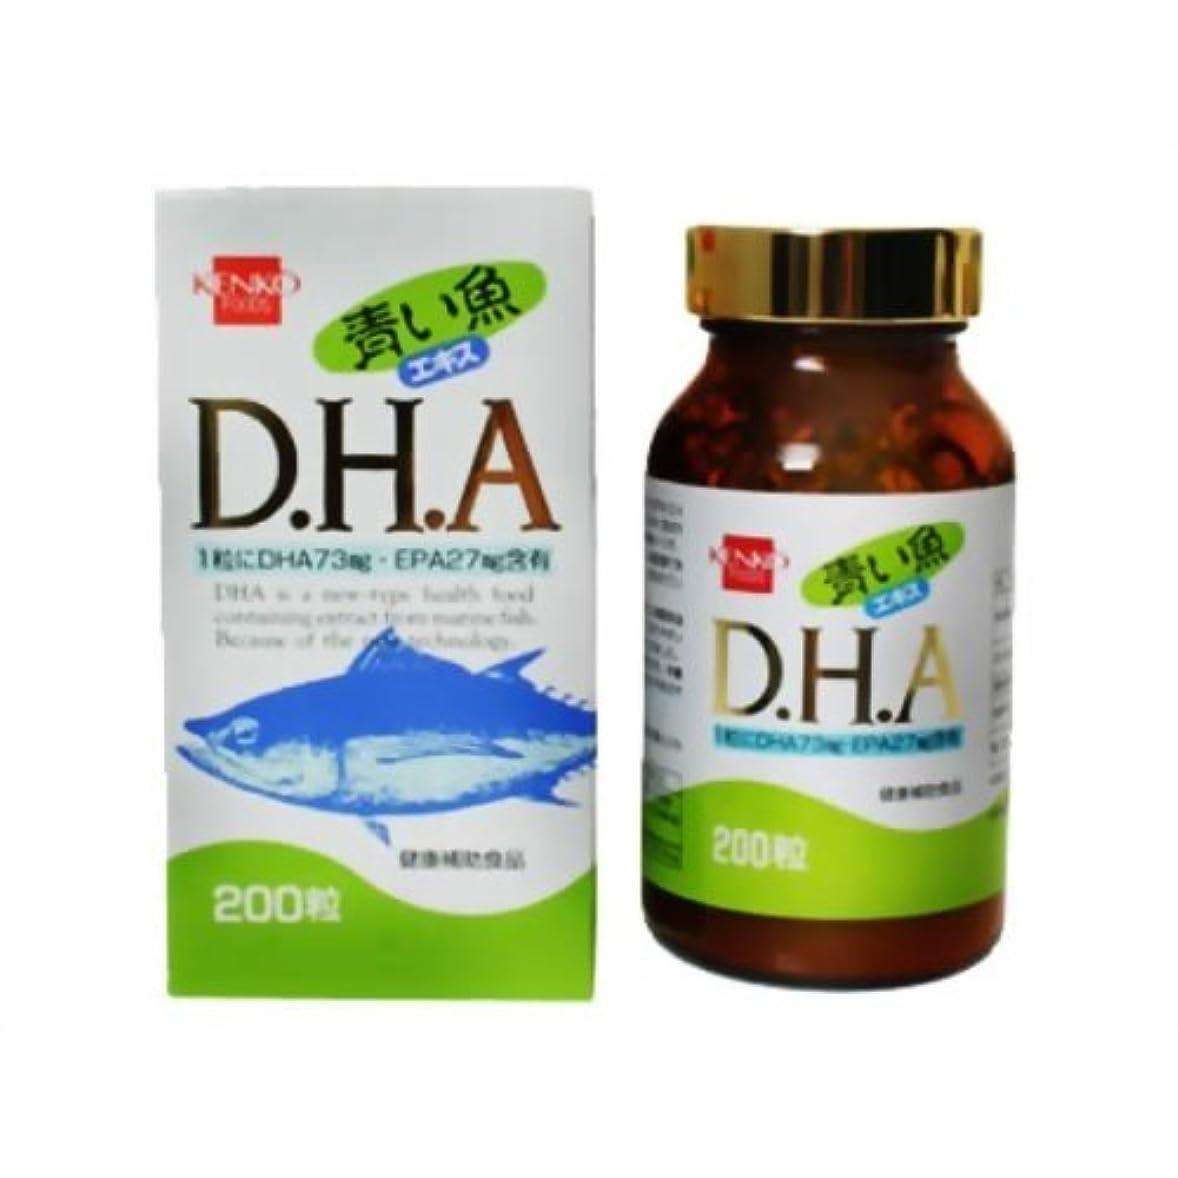 排除蒸気残高健康フーズ 青い魚エキス DHA 200粒